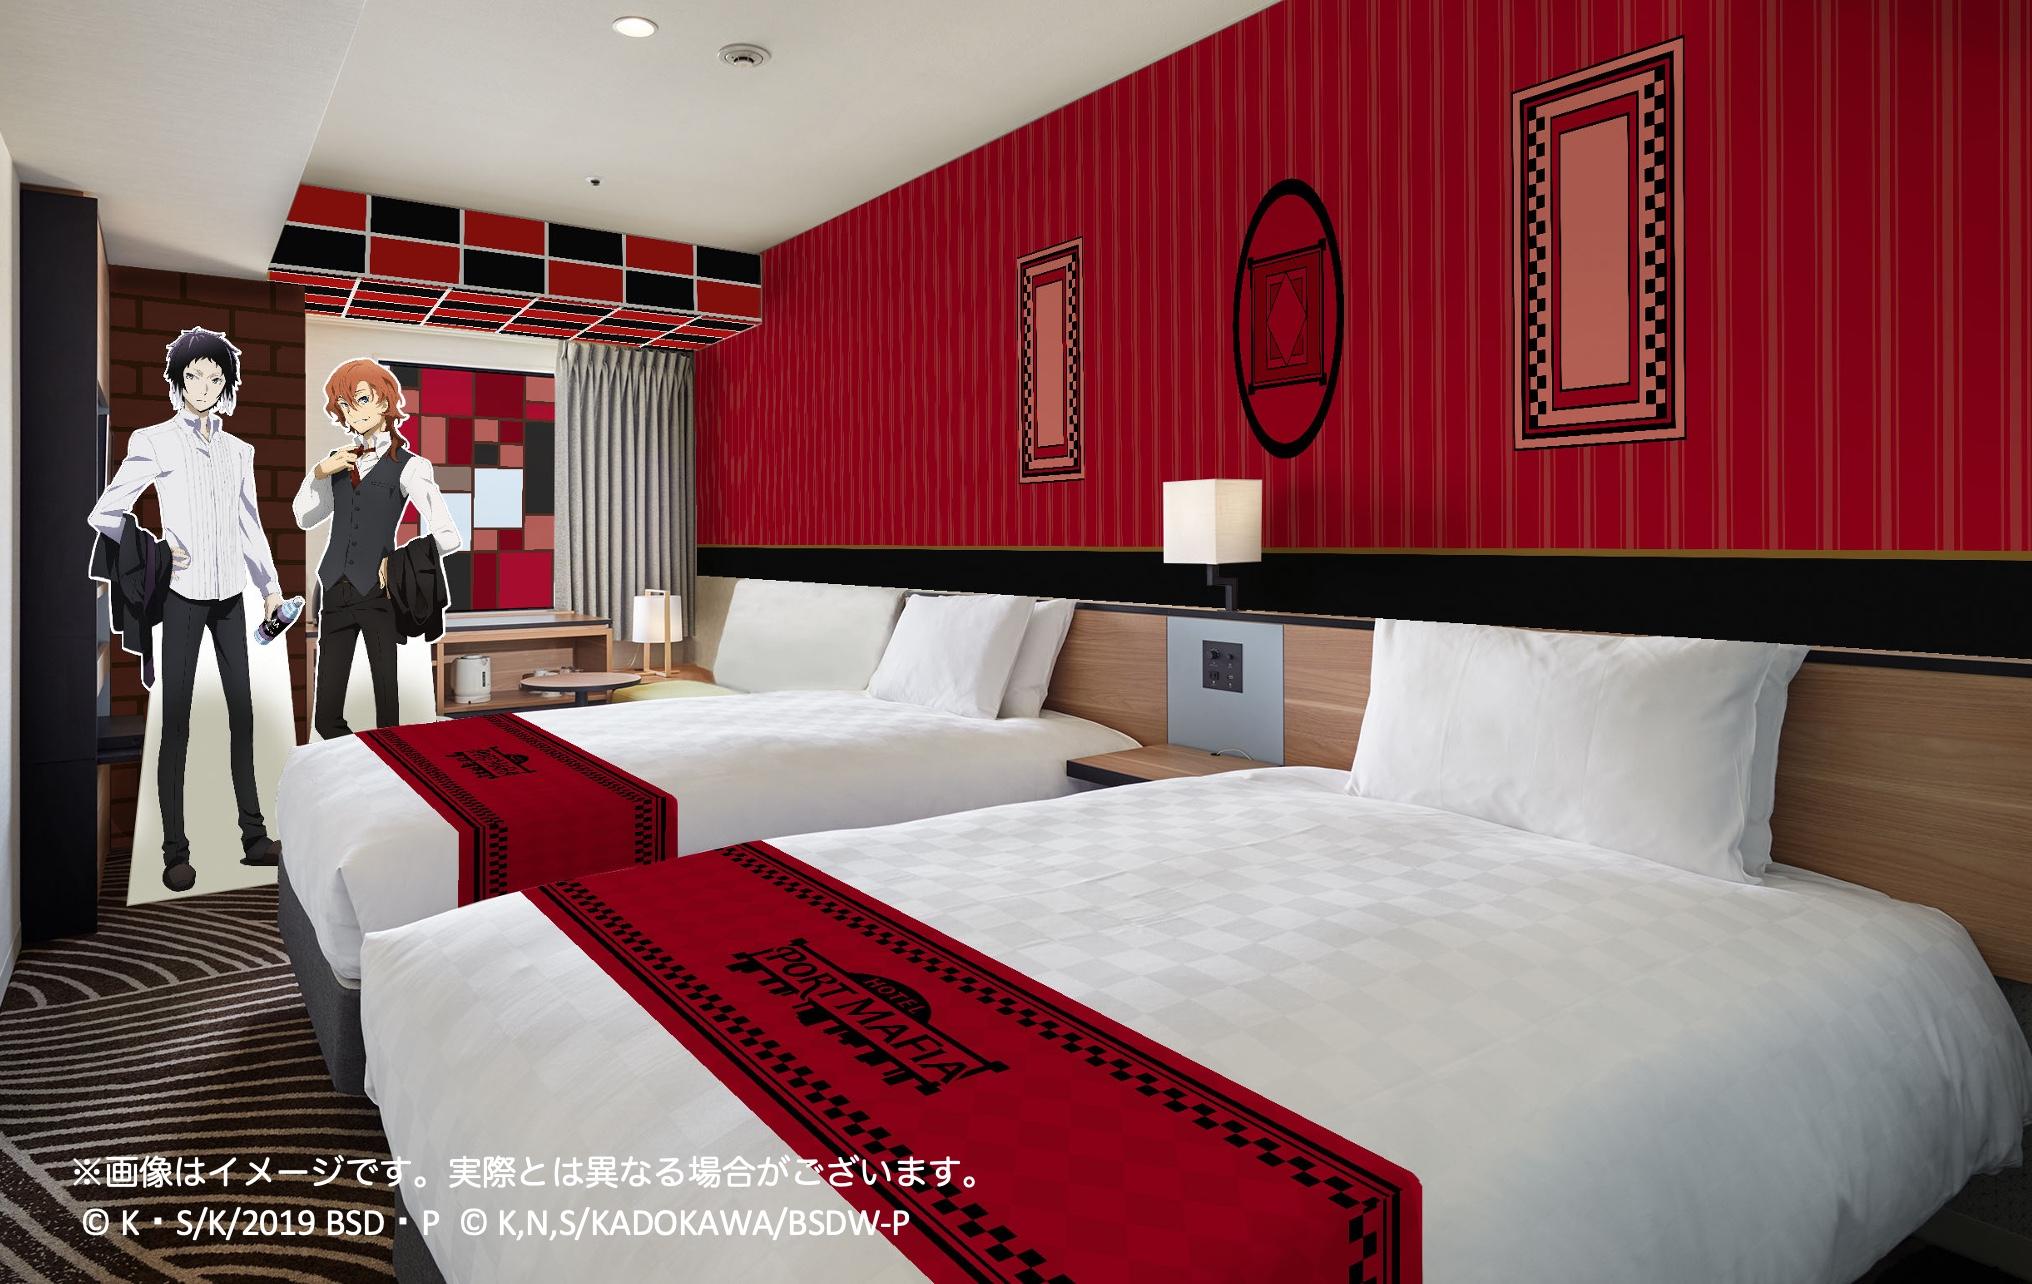 「文豪ストレイドッグス」×「イケプリ25」ポートマフィアホテル